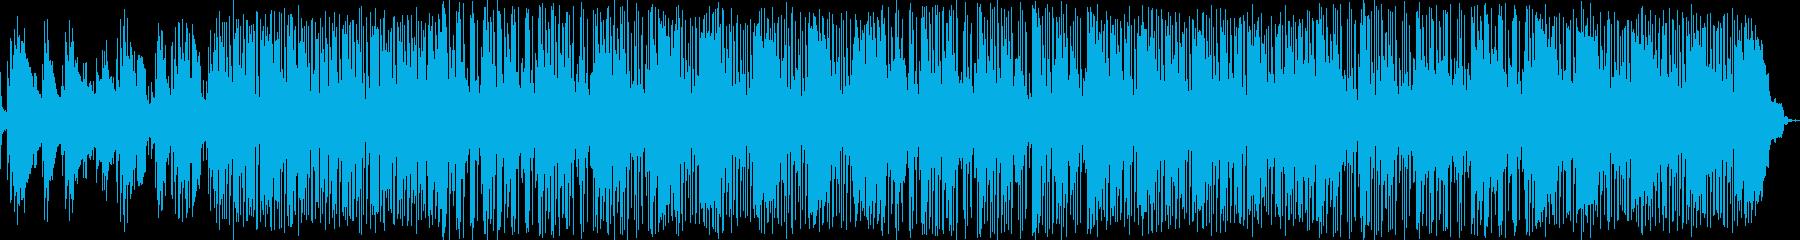 ブラジル 技術的な 楽しげ エスニ...の再生済みの波形